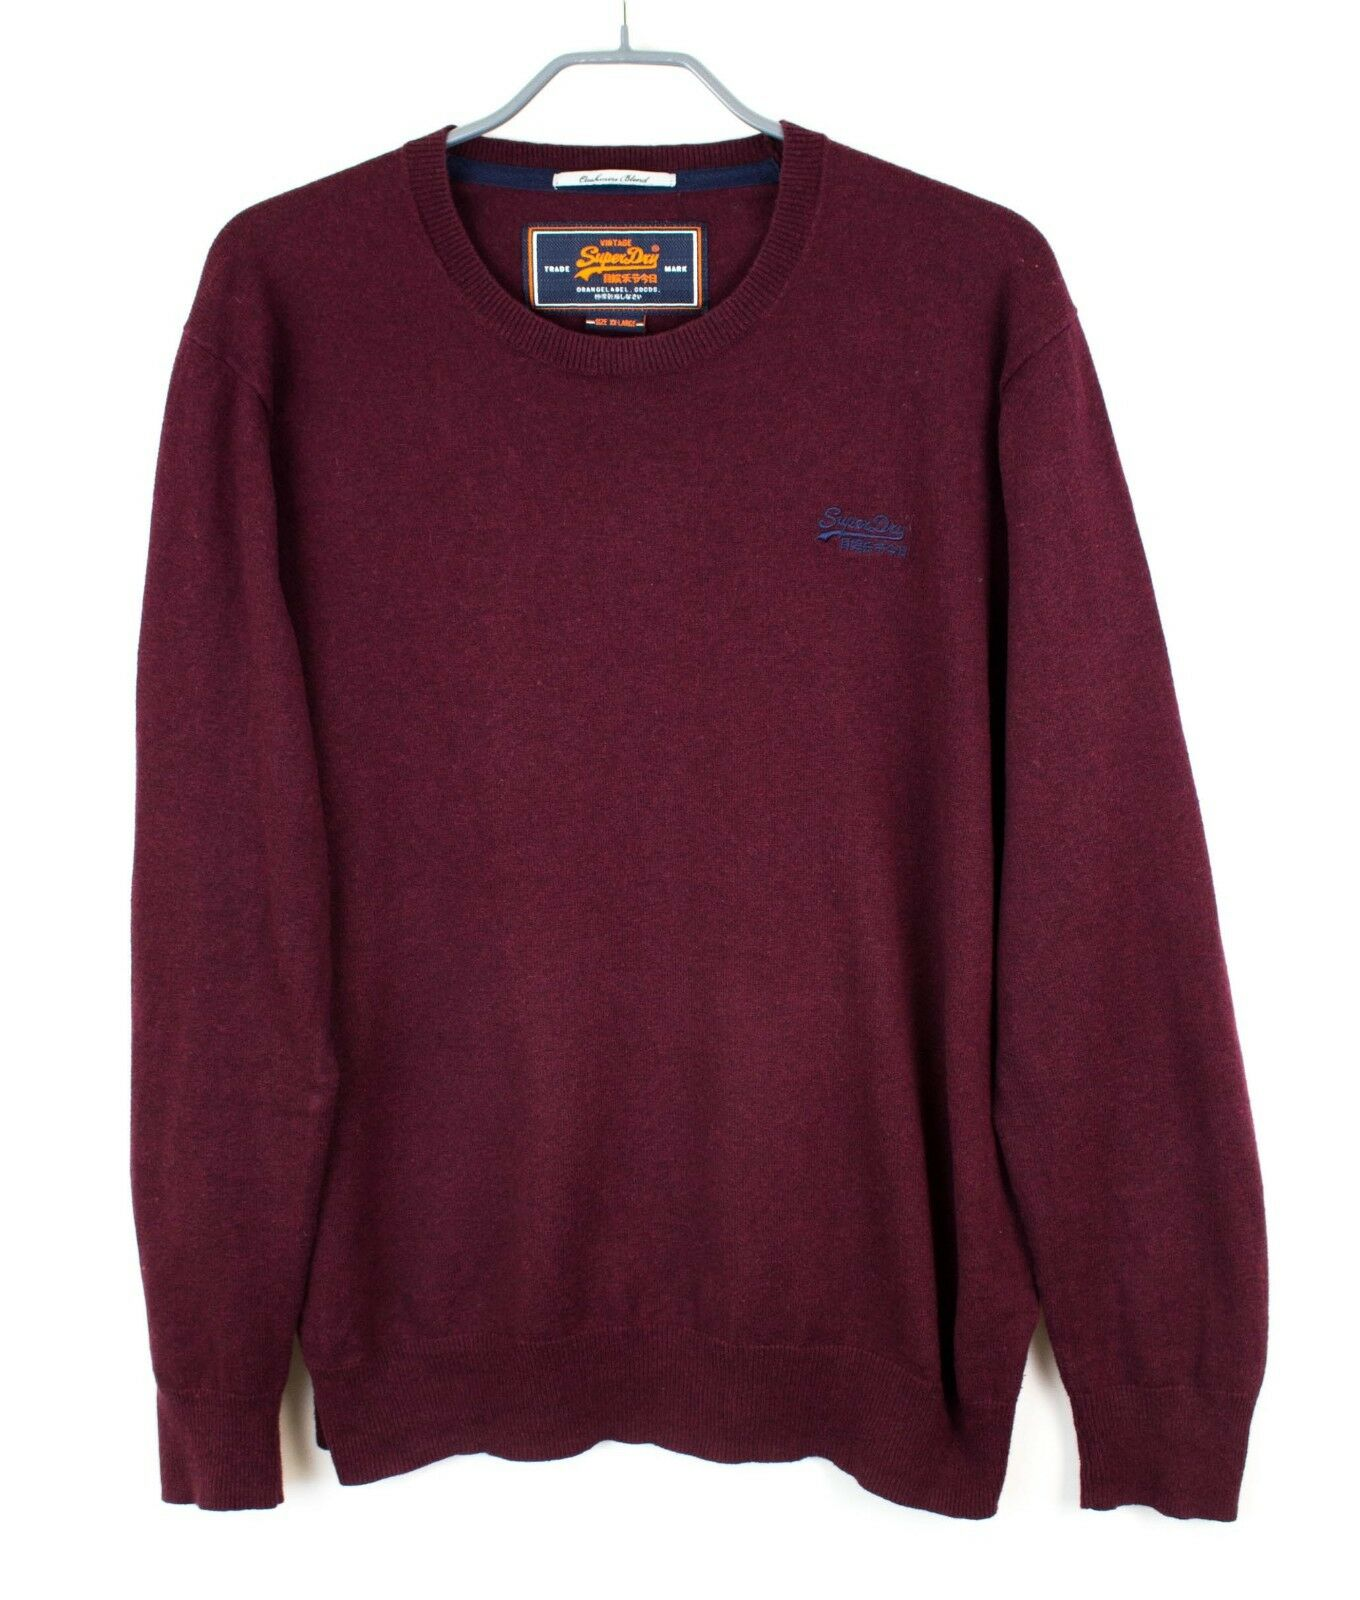 Superdry Hombre Jersey Cachemira Mezcla Vintage Jersey Suéter XL Ez653